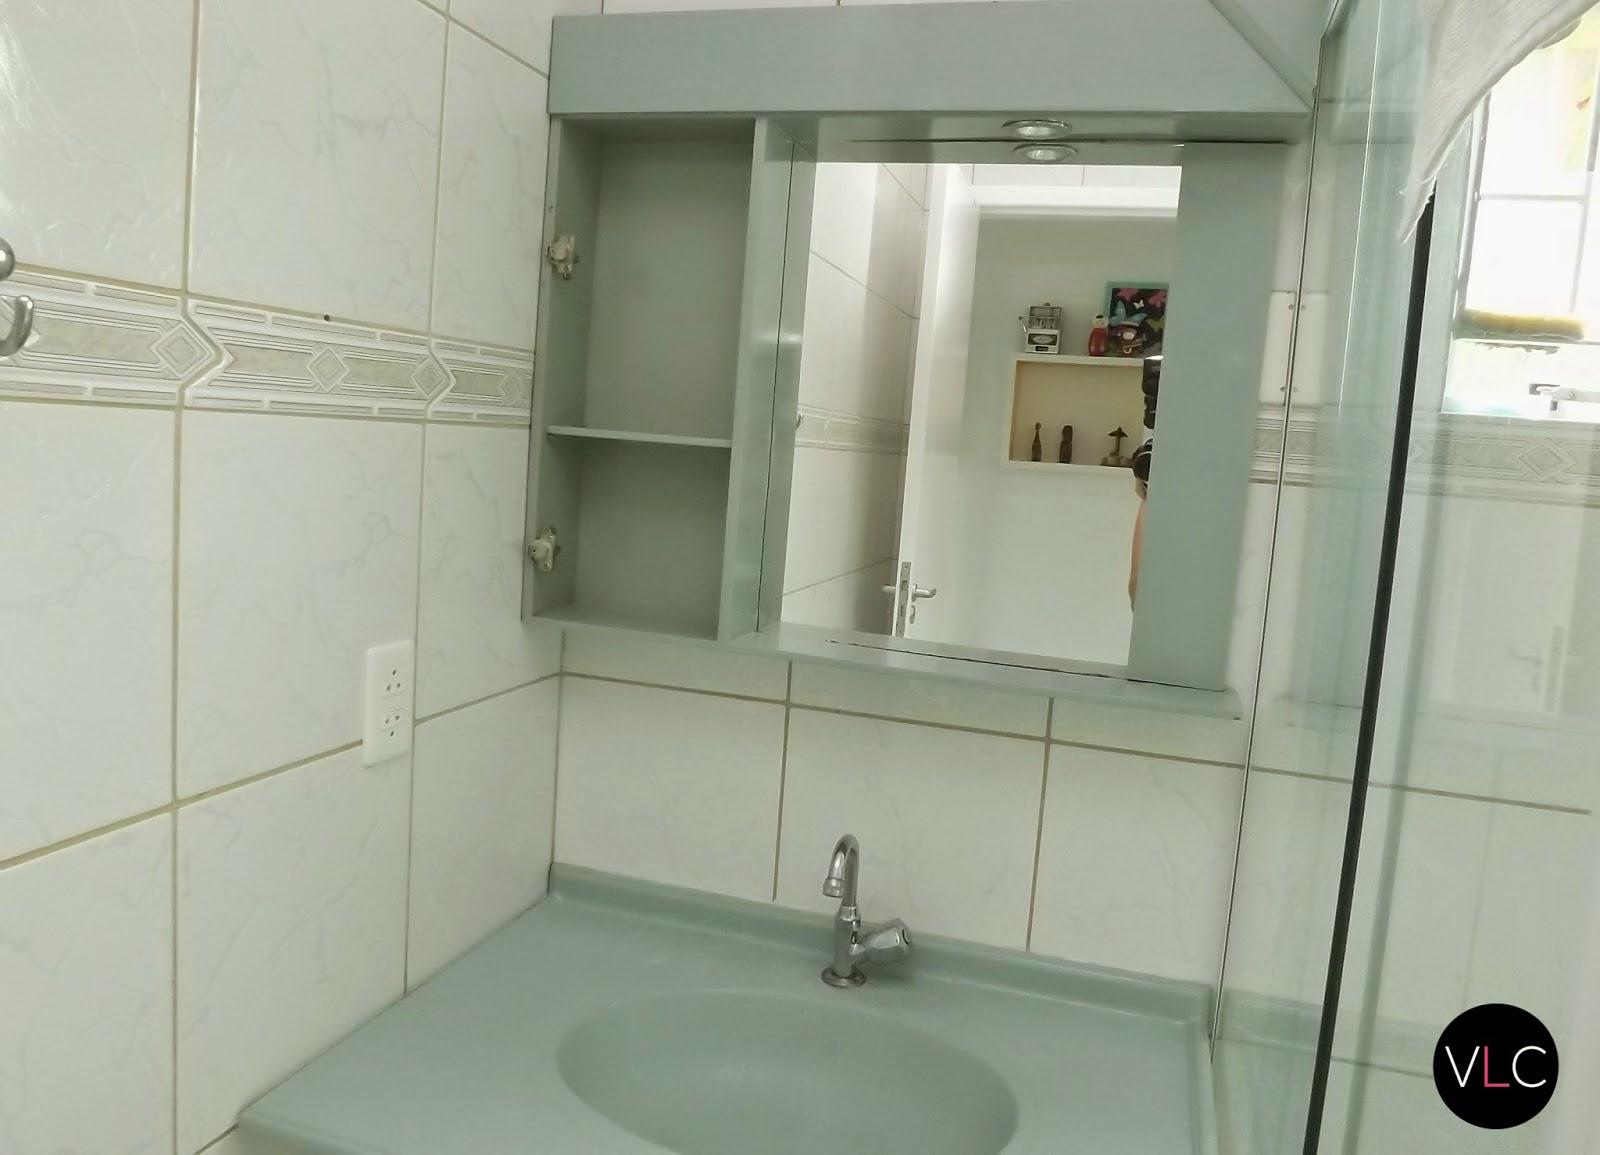 armário para combinar com o resto da nova decoração do banheiro  #614138 1600x1155 Armarinho De Banheiro De Vidro